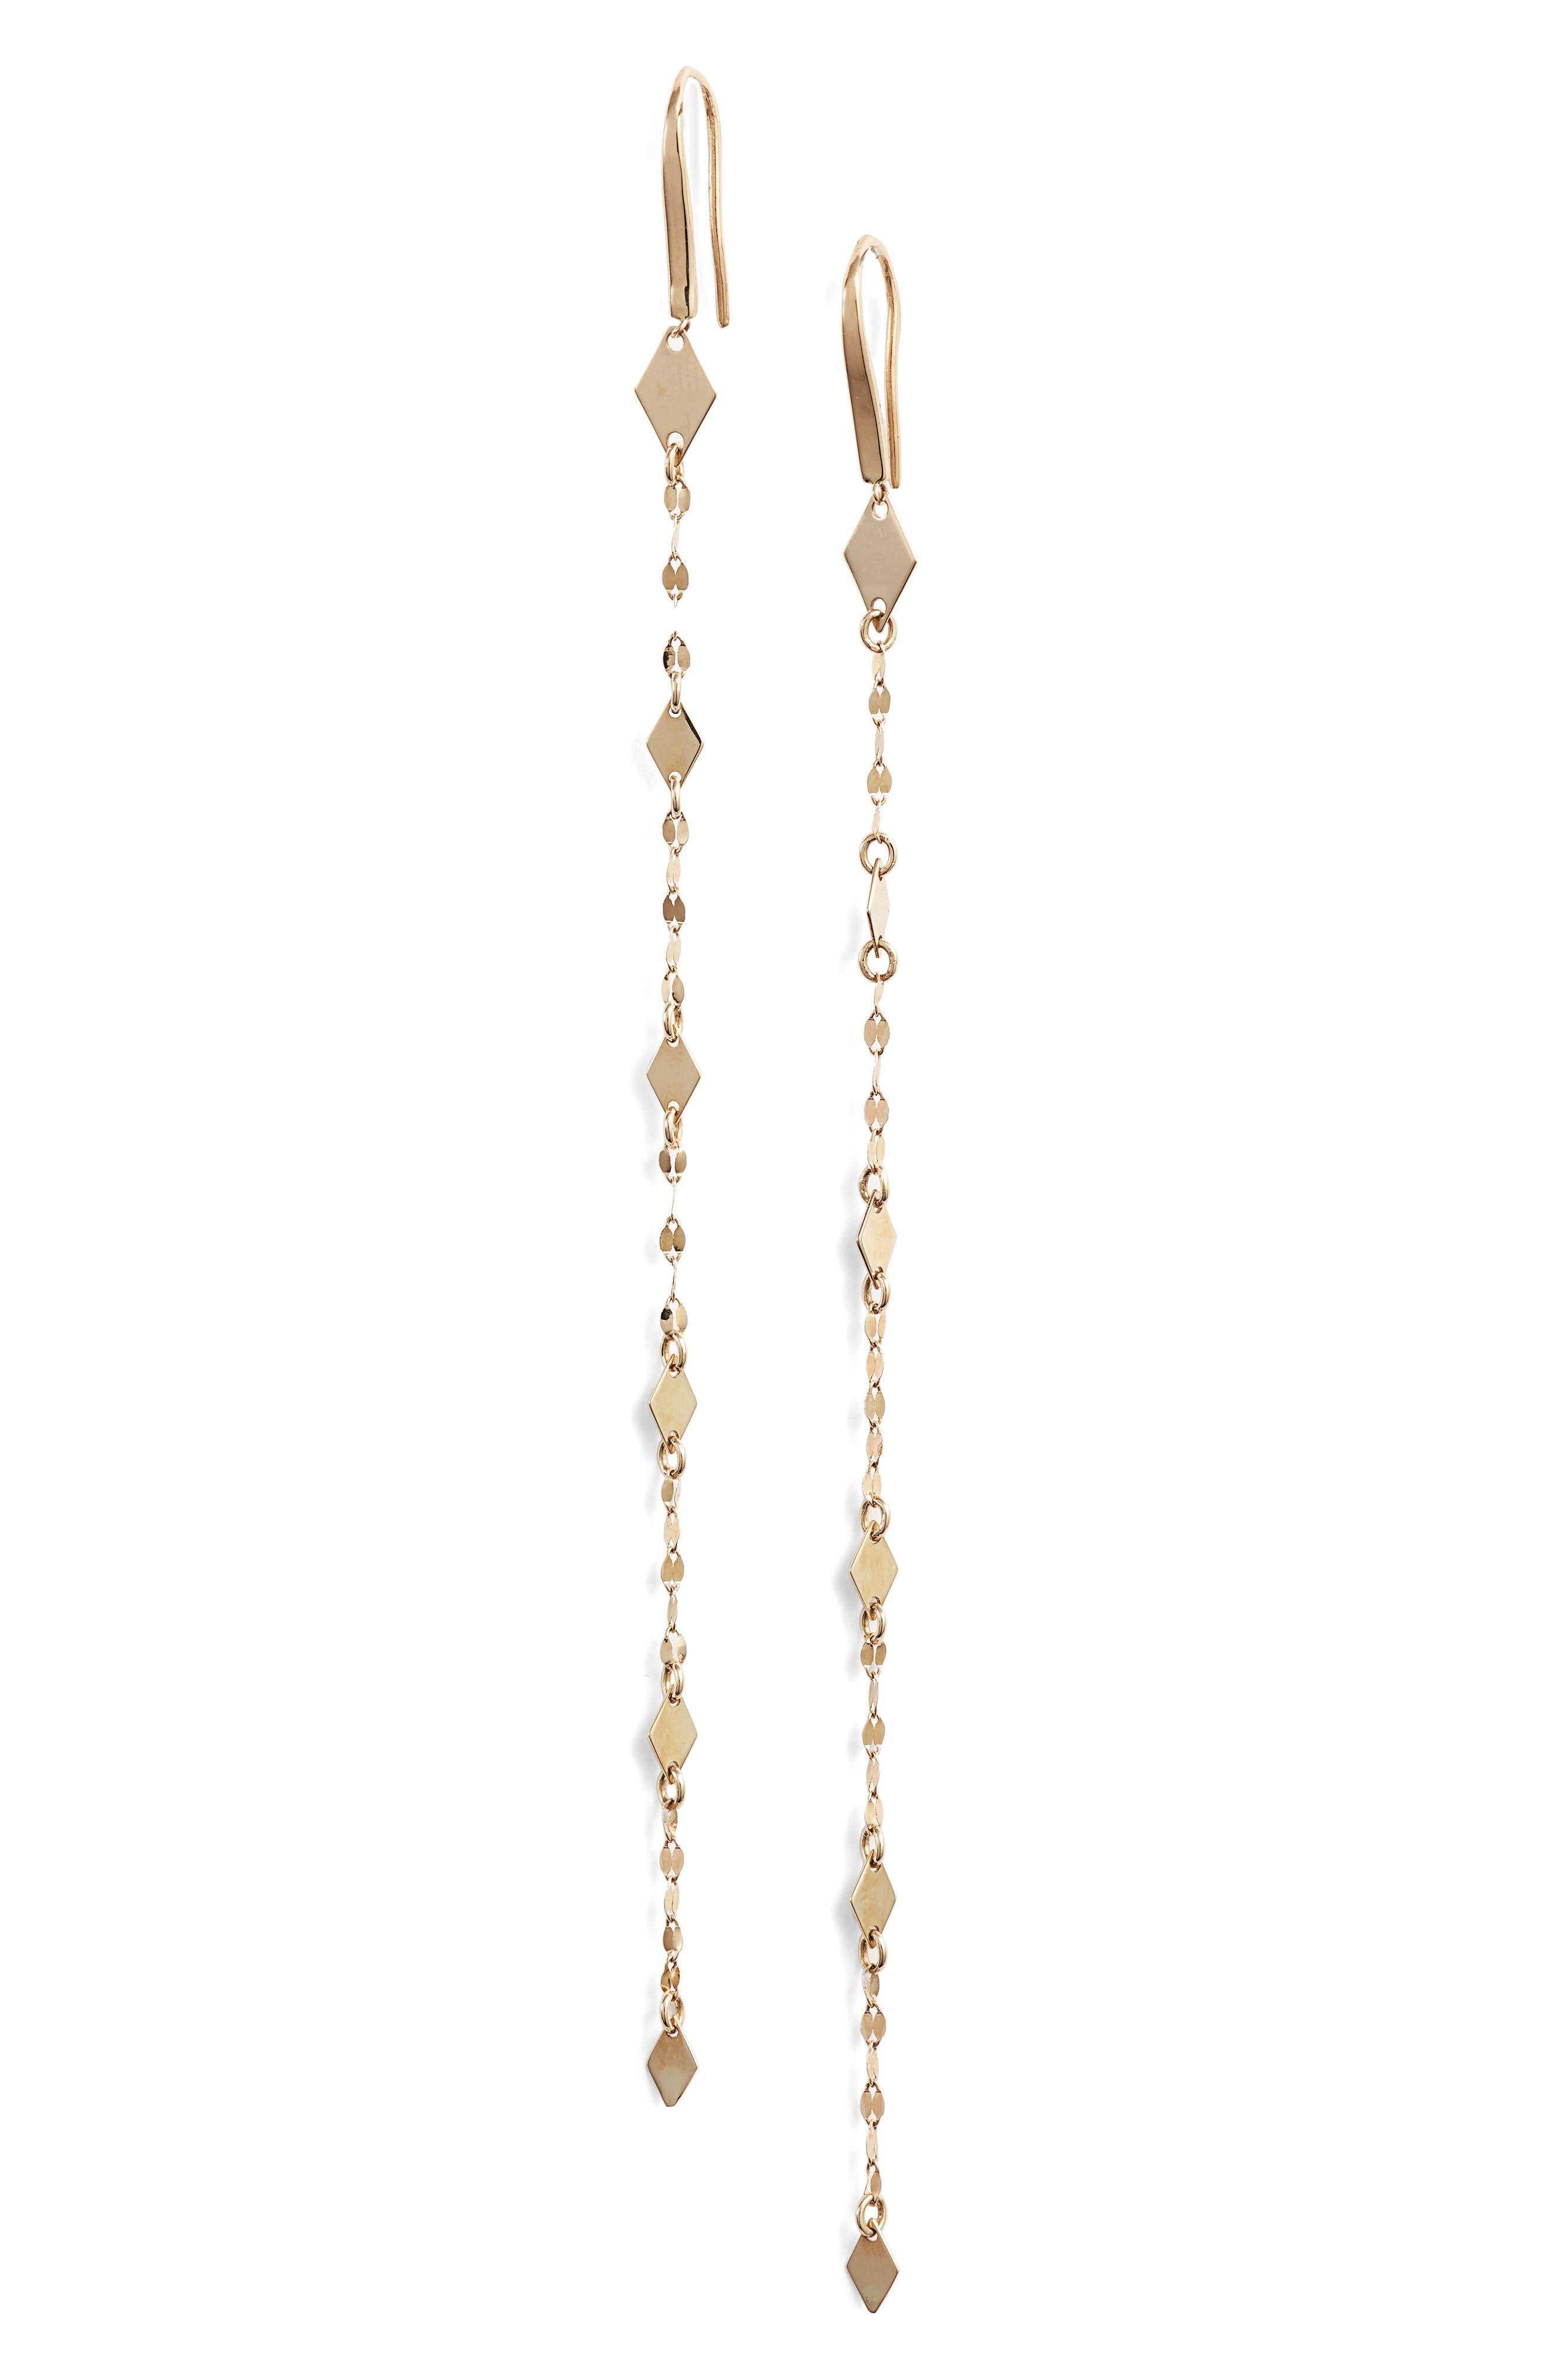 Mismatch Mini Kite Duster Earrings,                             Main thumbnail 1, color,                             GOLD